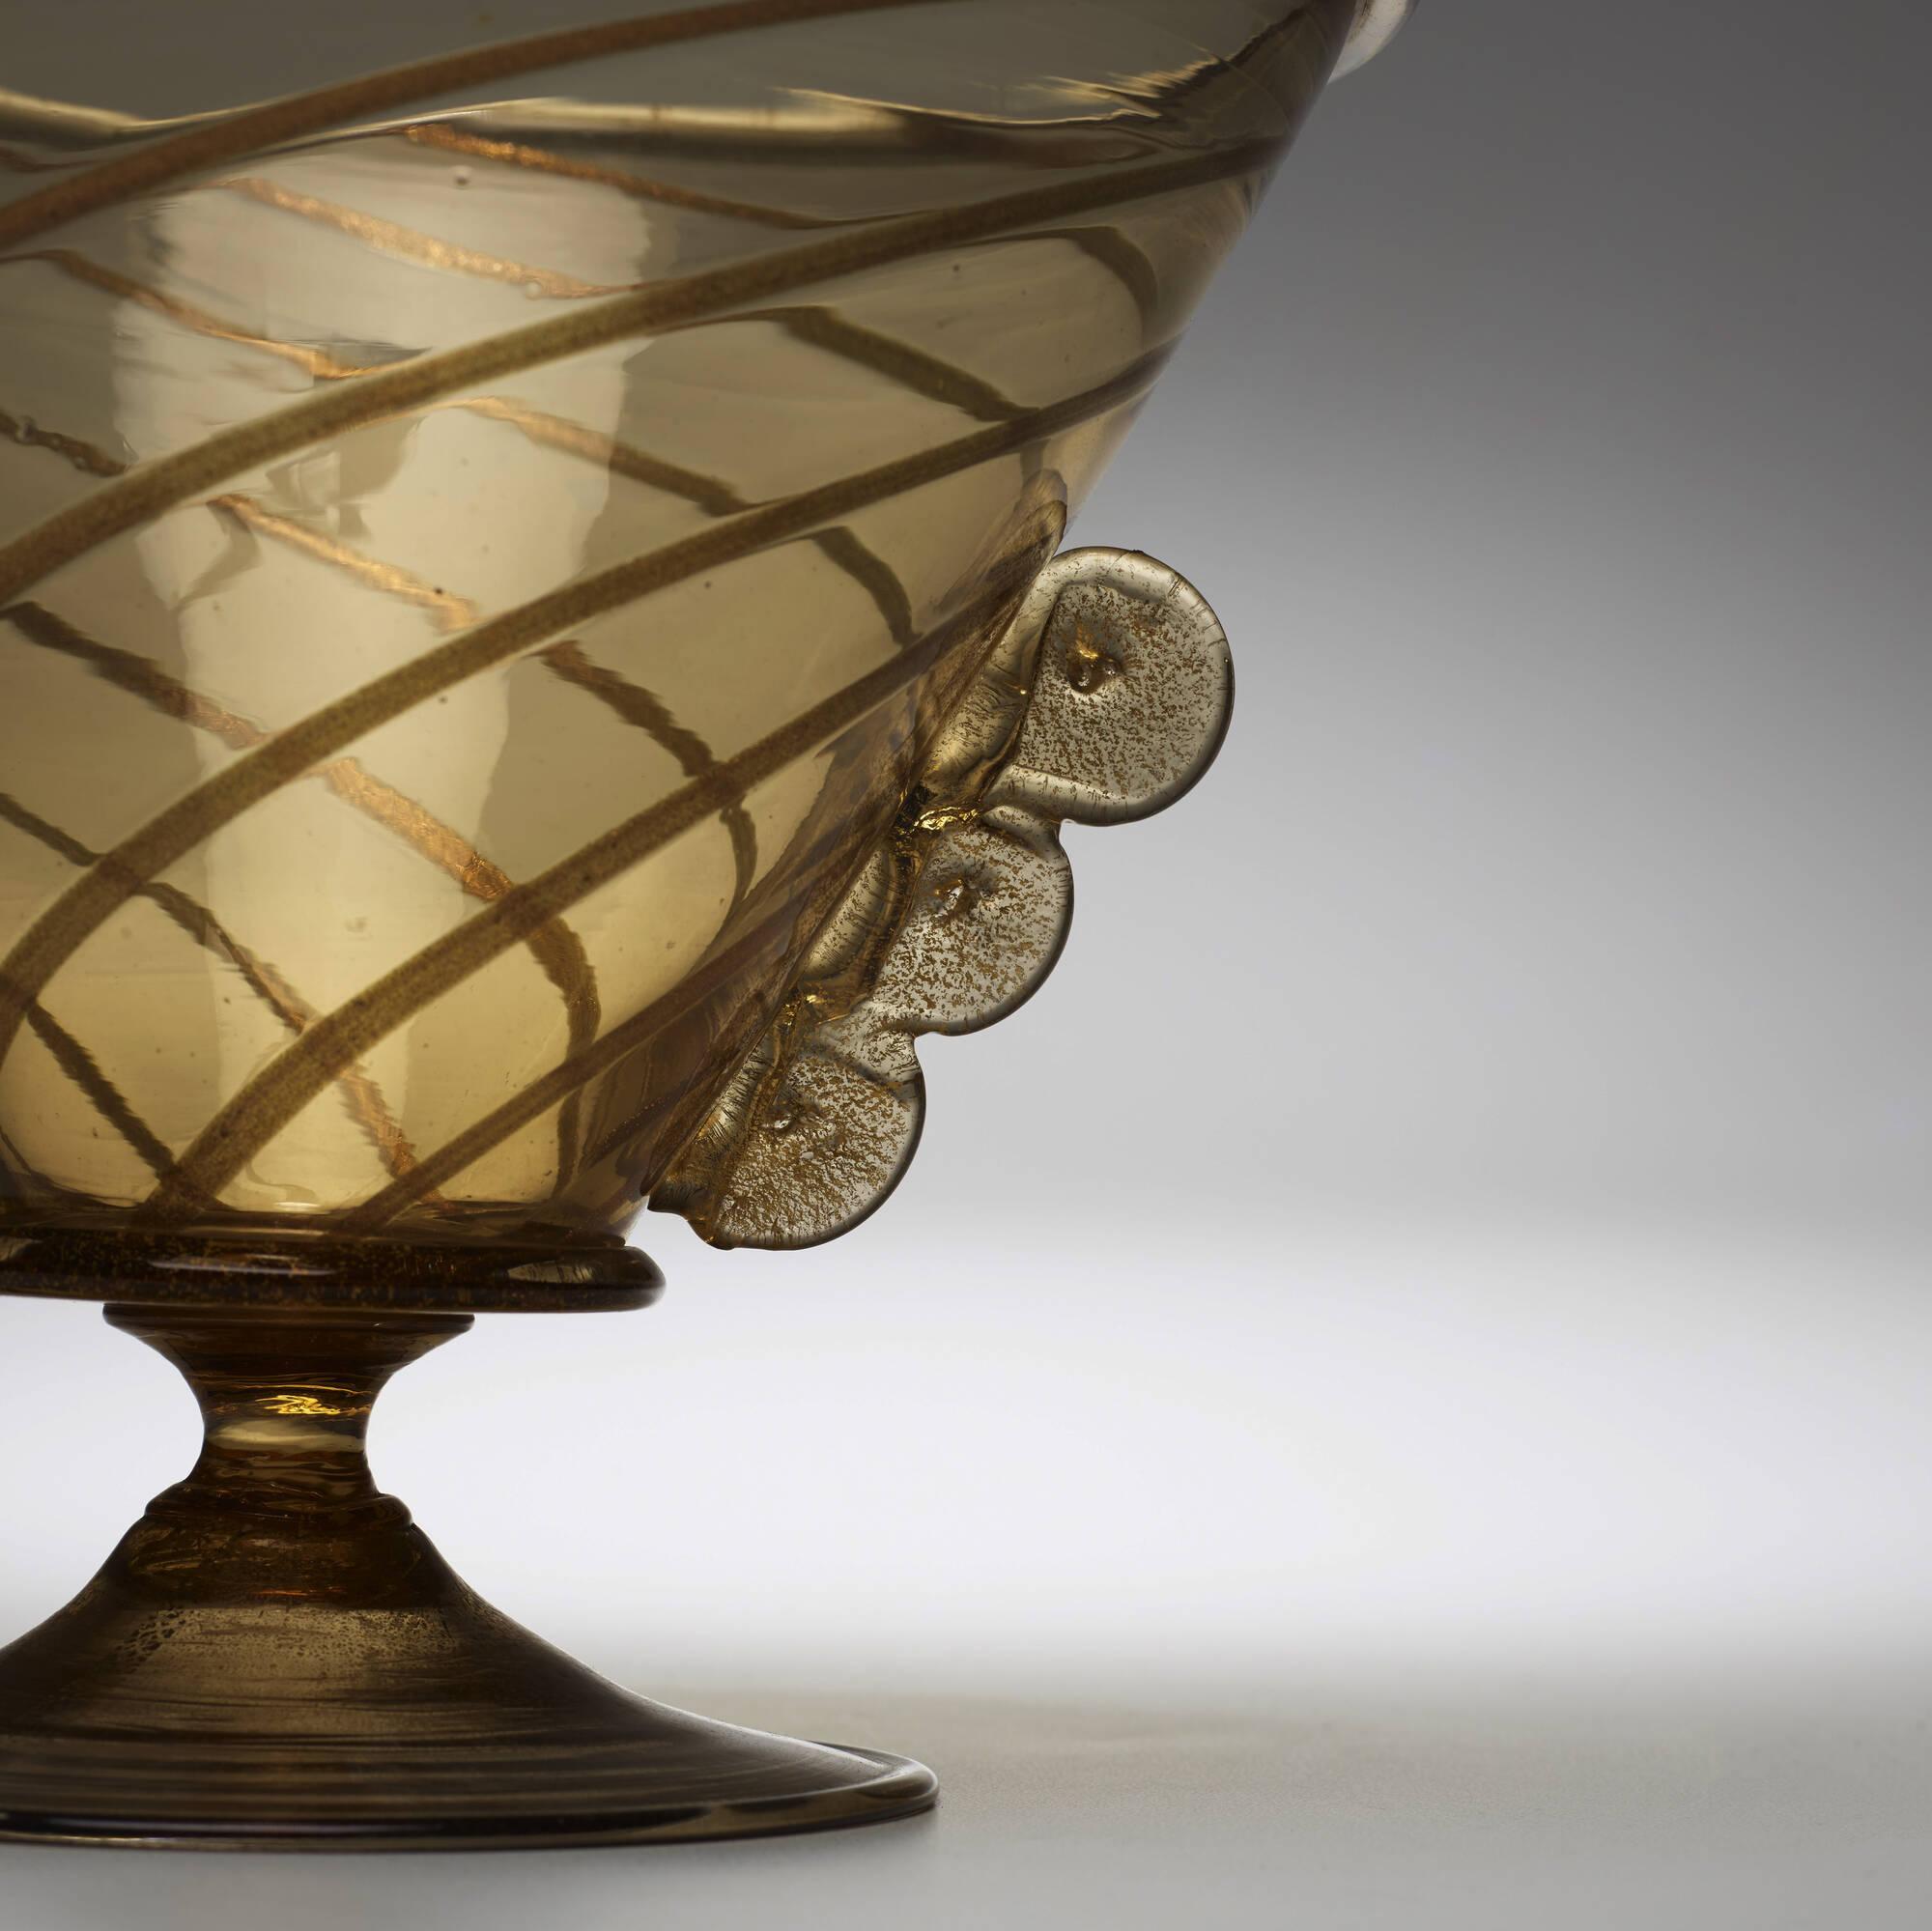 102: Ercole Barovier / Spirale vase (2 of 3)